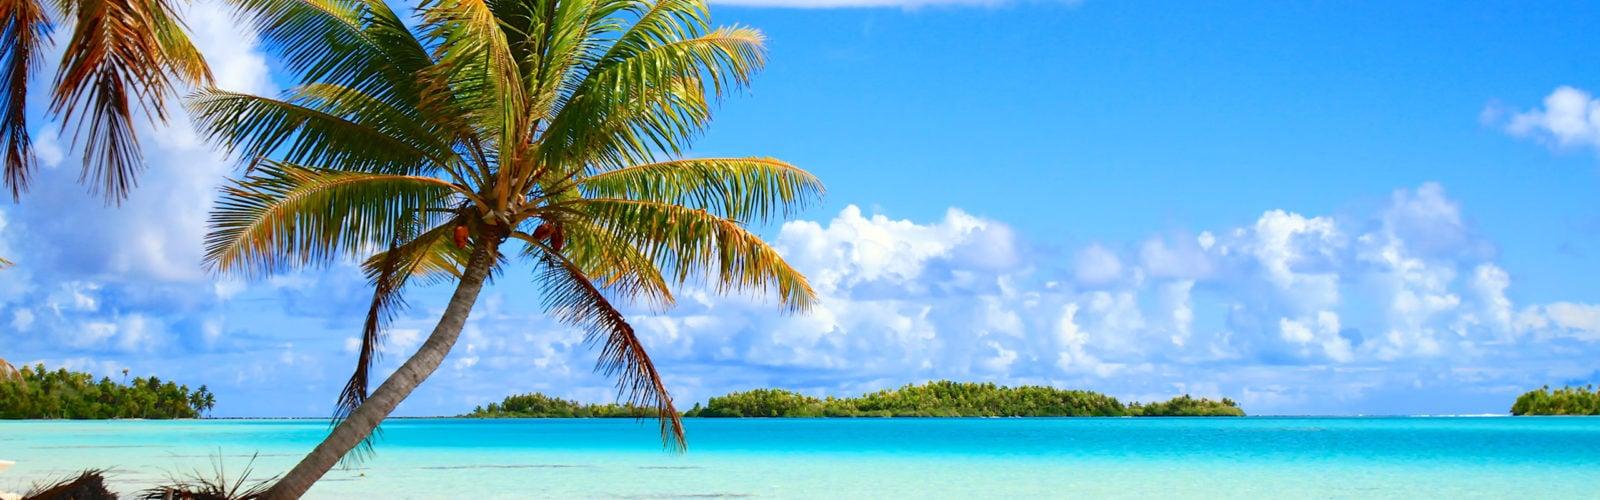 rangiroa-atoll-french-polynesia